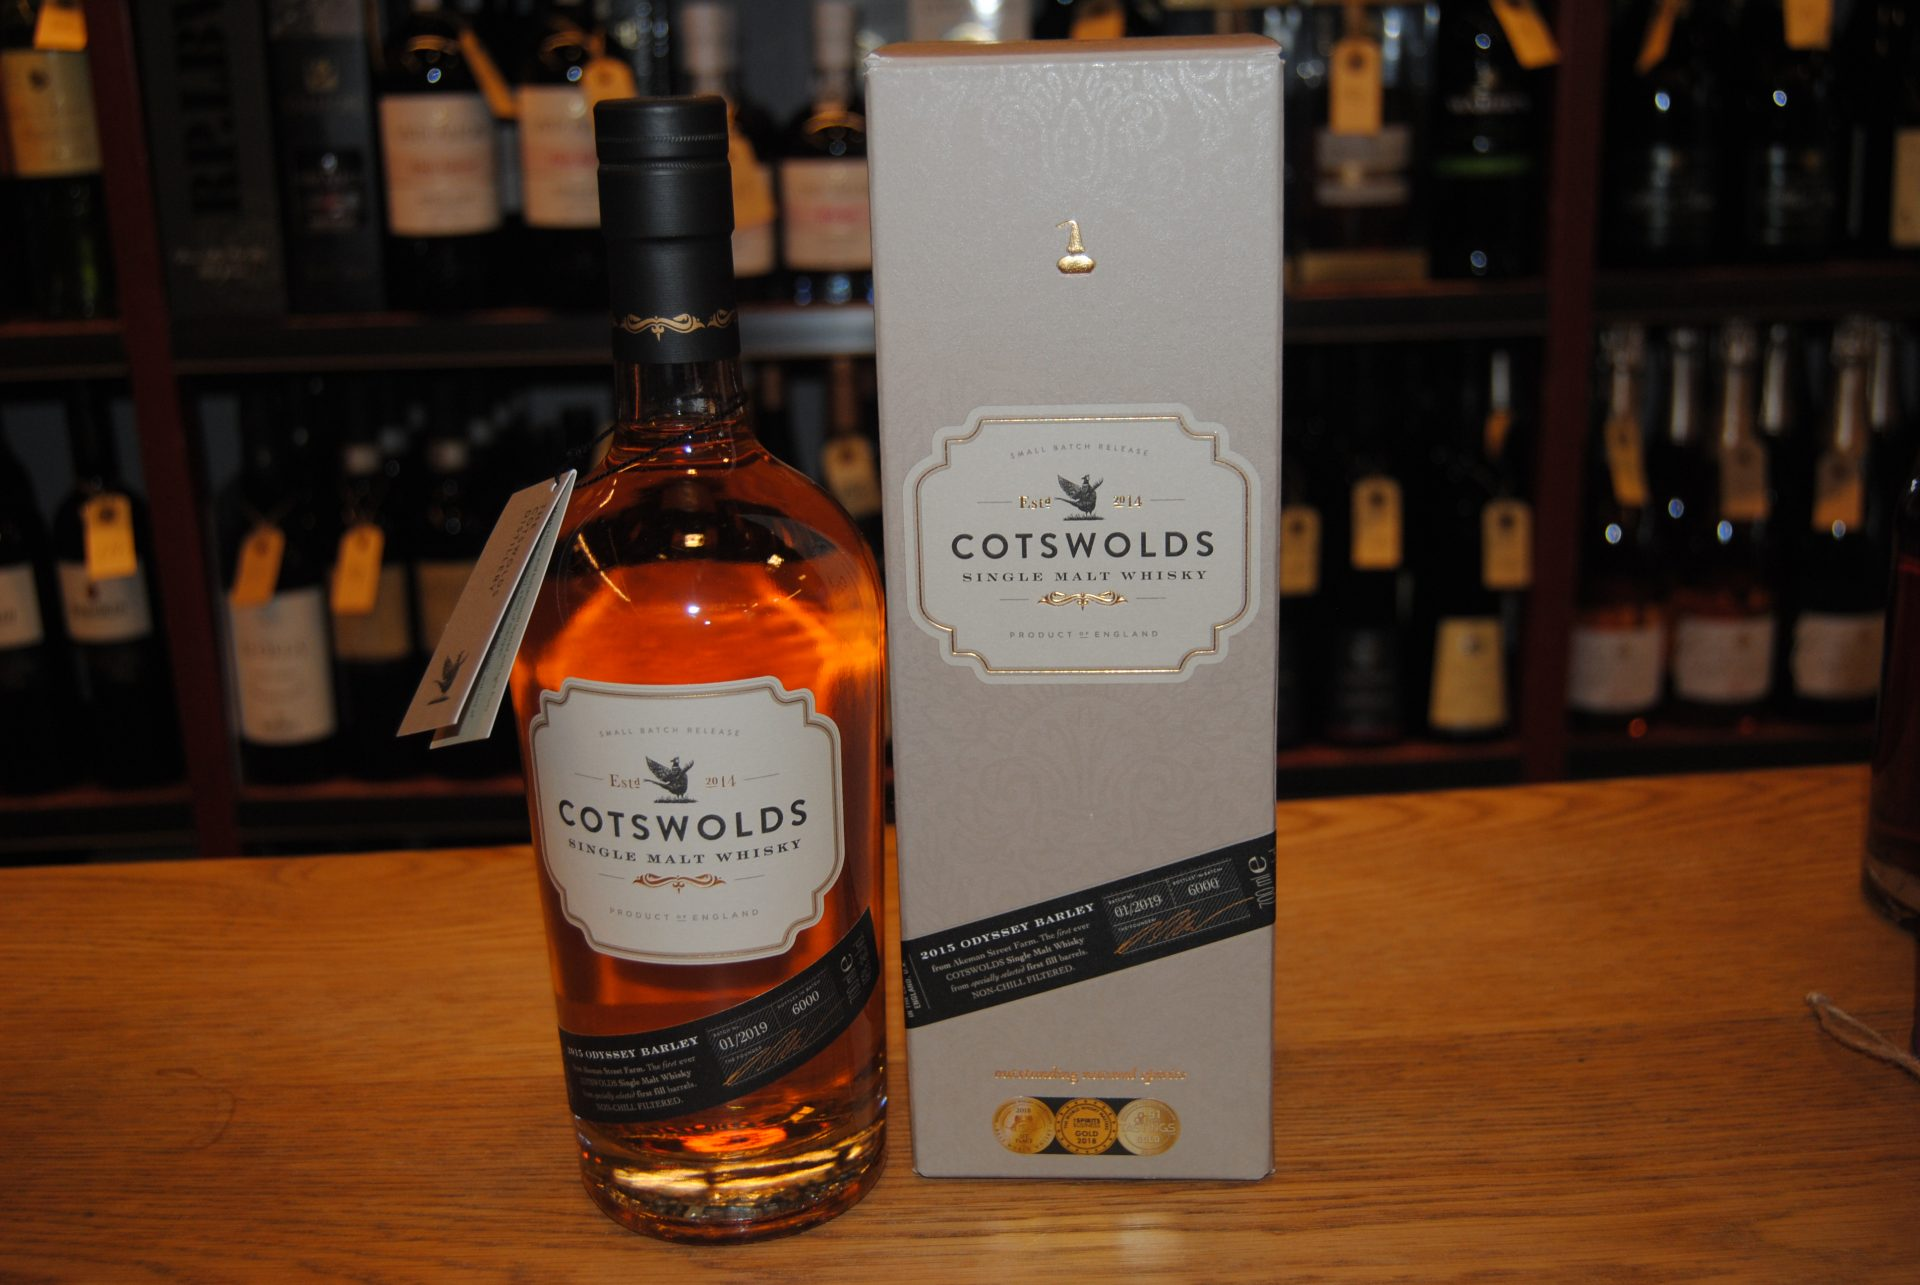 Cotswolds Single Malt Whisky  Den første whisky, der nogensinde er destilleret i Cotswolds, bruger 100% lokalt dyrket gulv maltet byg og er blevet lagret i first-fill ex-bourbon barrel og brugte rødvins fade. Fyldig, frugtig og nem at drikke